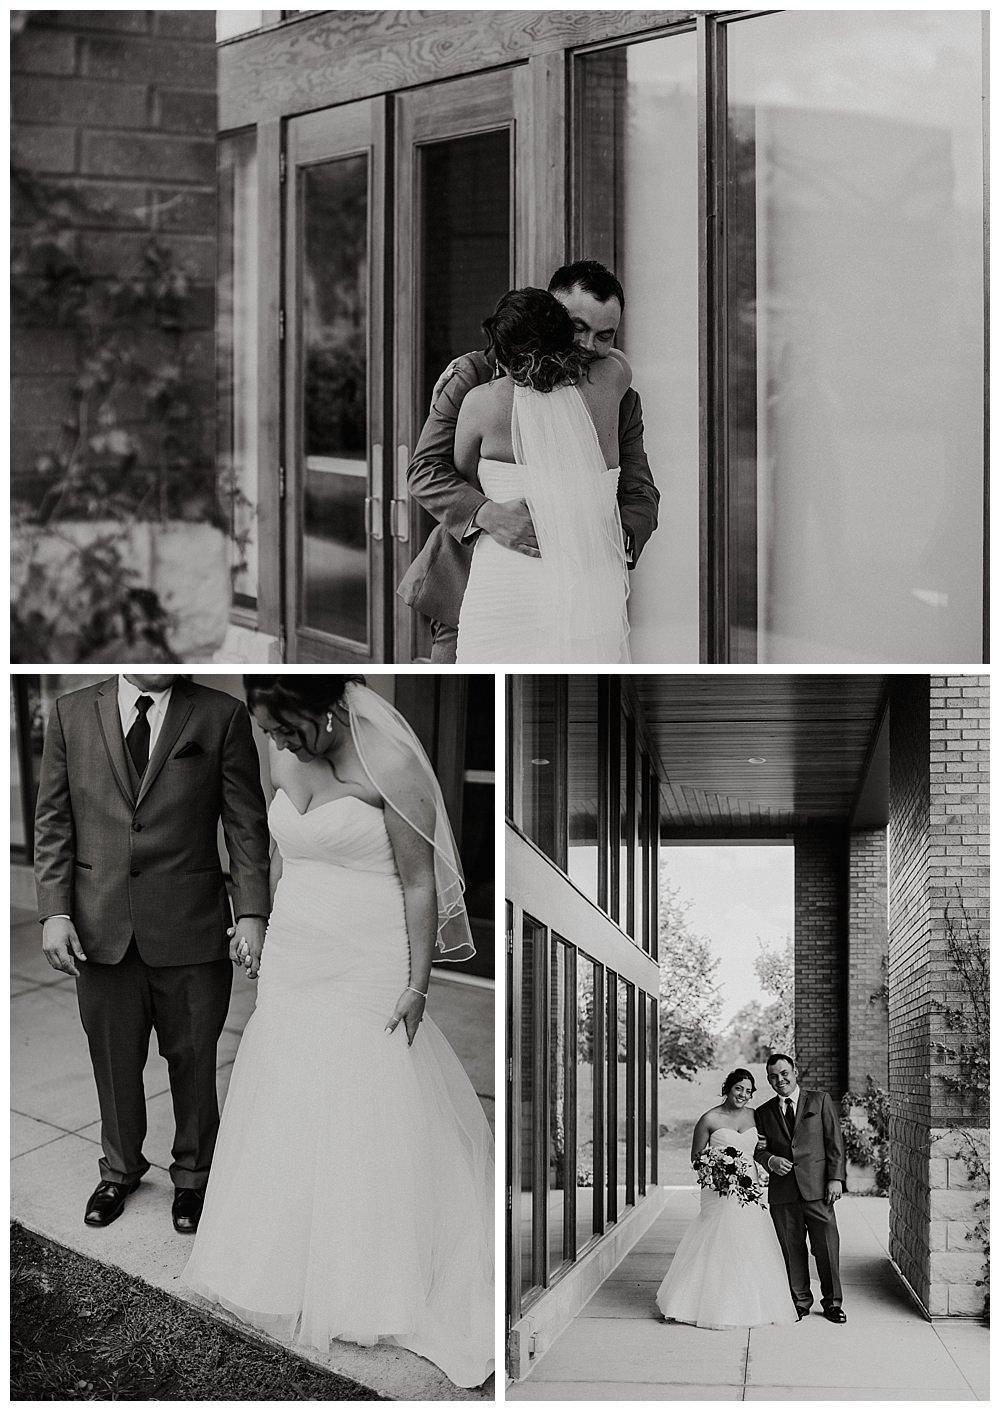 VadnaisCommonsMinnesota Wedding_0004.jpg